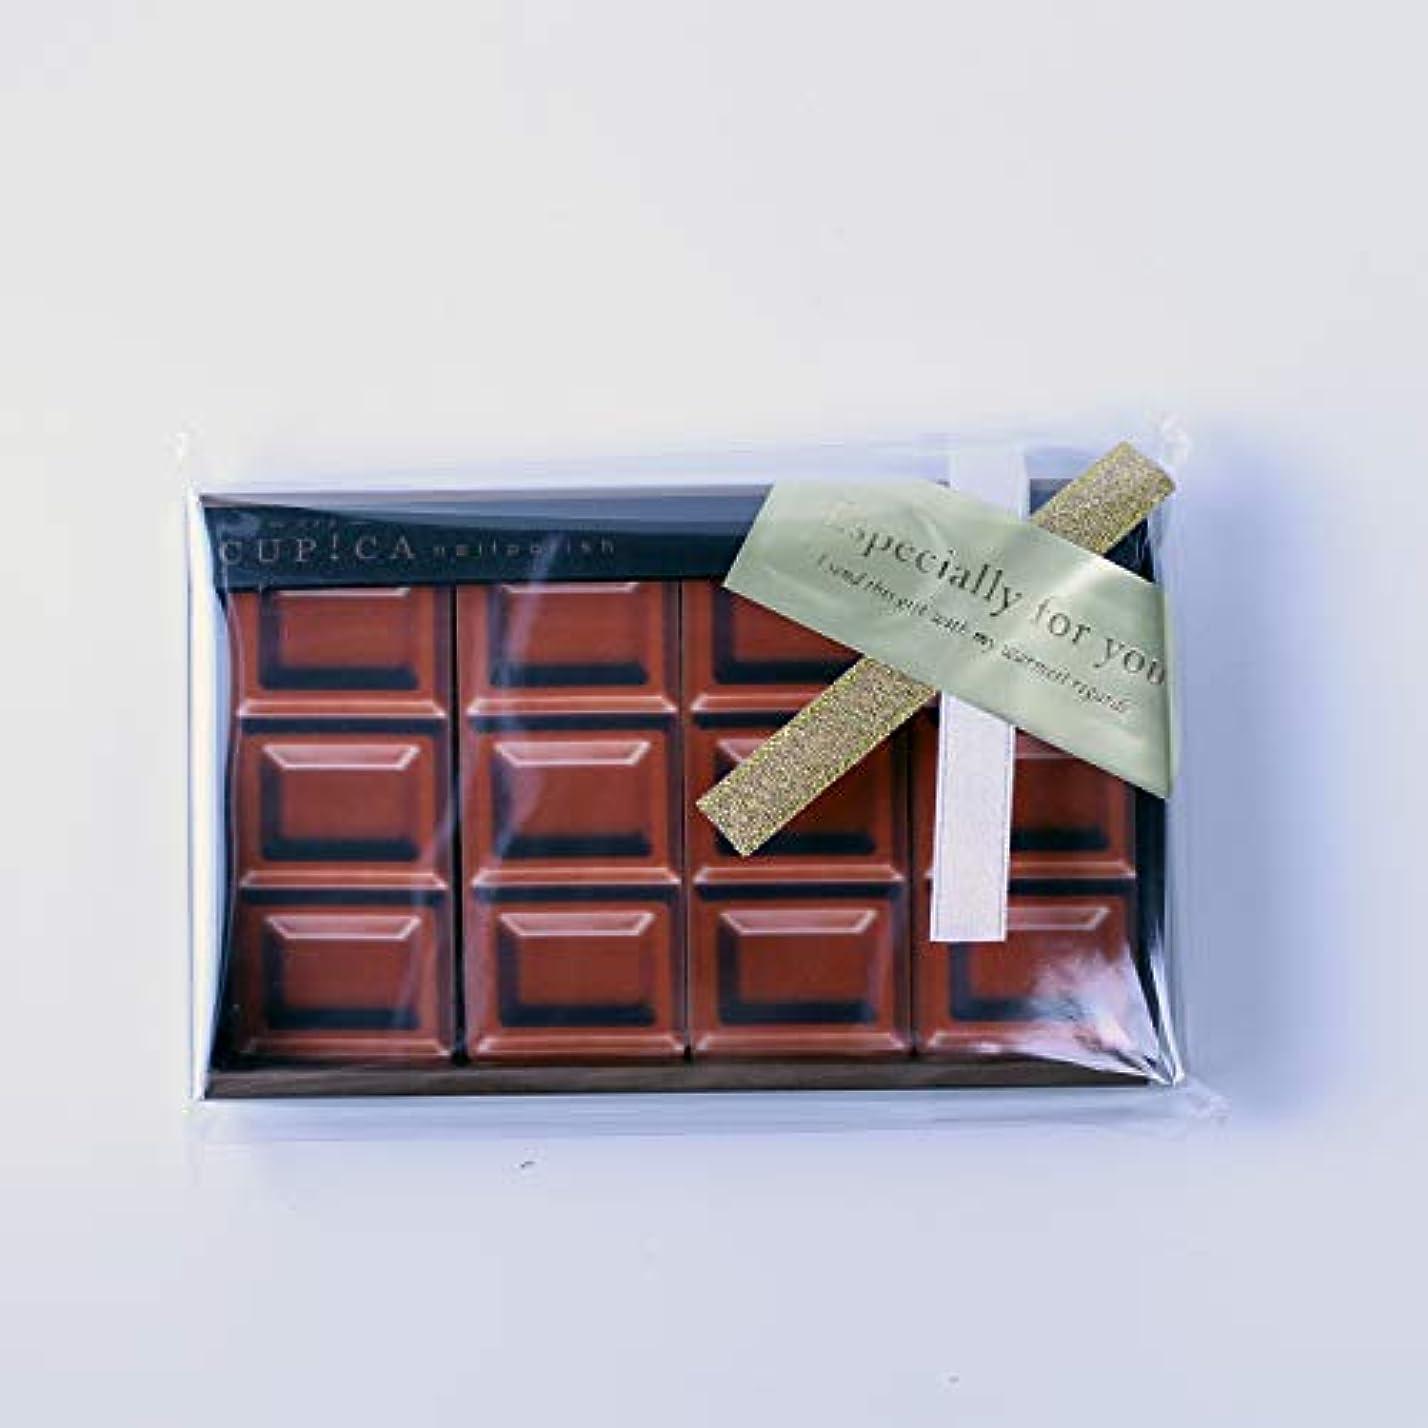 項目悪因子容赦ないバレンタイン ホワイトデー ギフト お餞別 チョコのような爪磨き おもしろグッズ アルスキュピカ チョコレート柄 ギフトシール付 クリアケース入